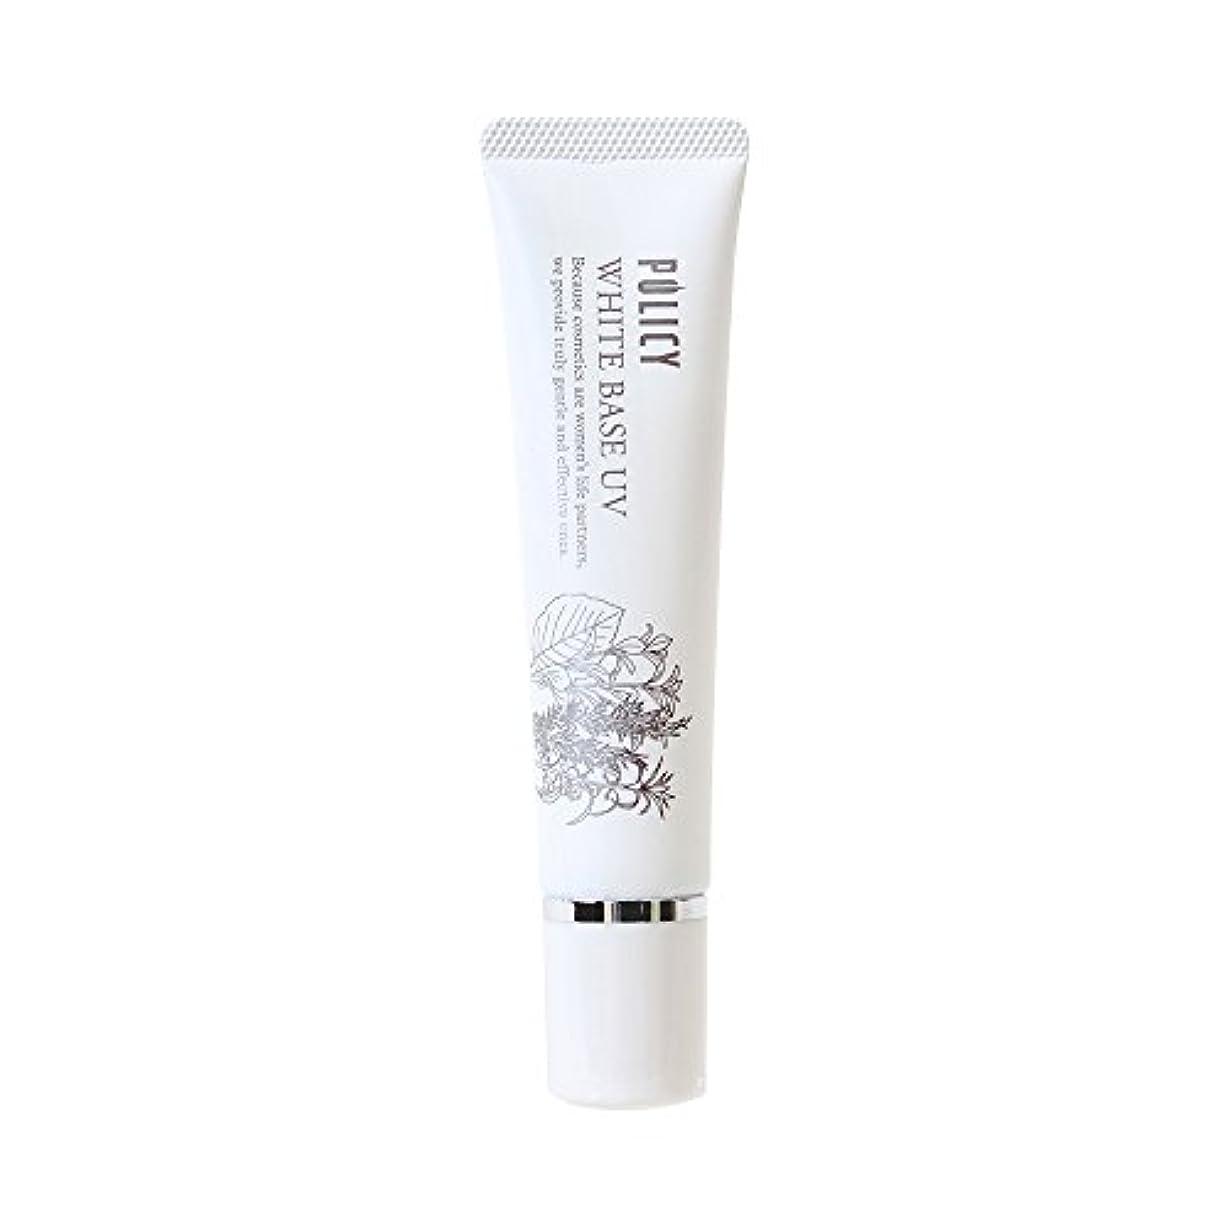 意図的ナチュラルグリーンランドポリシー化粧品 【メイク下地クリーム】ホワイトベースUV 30g